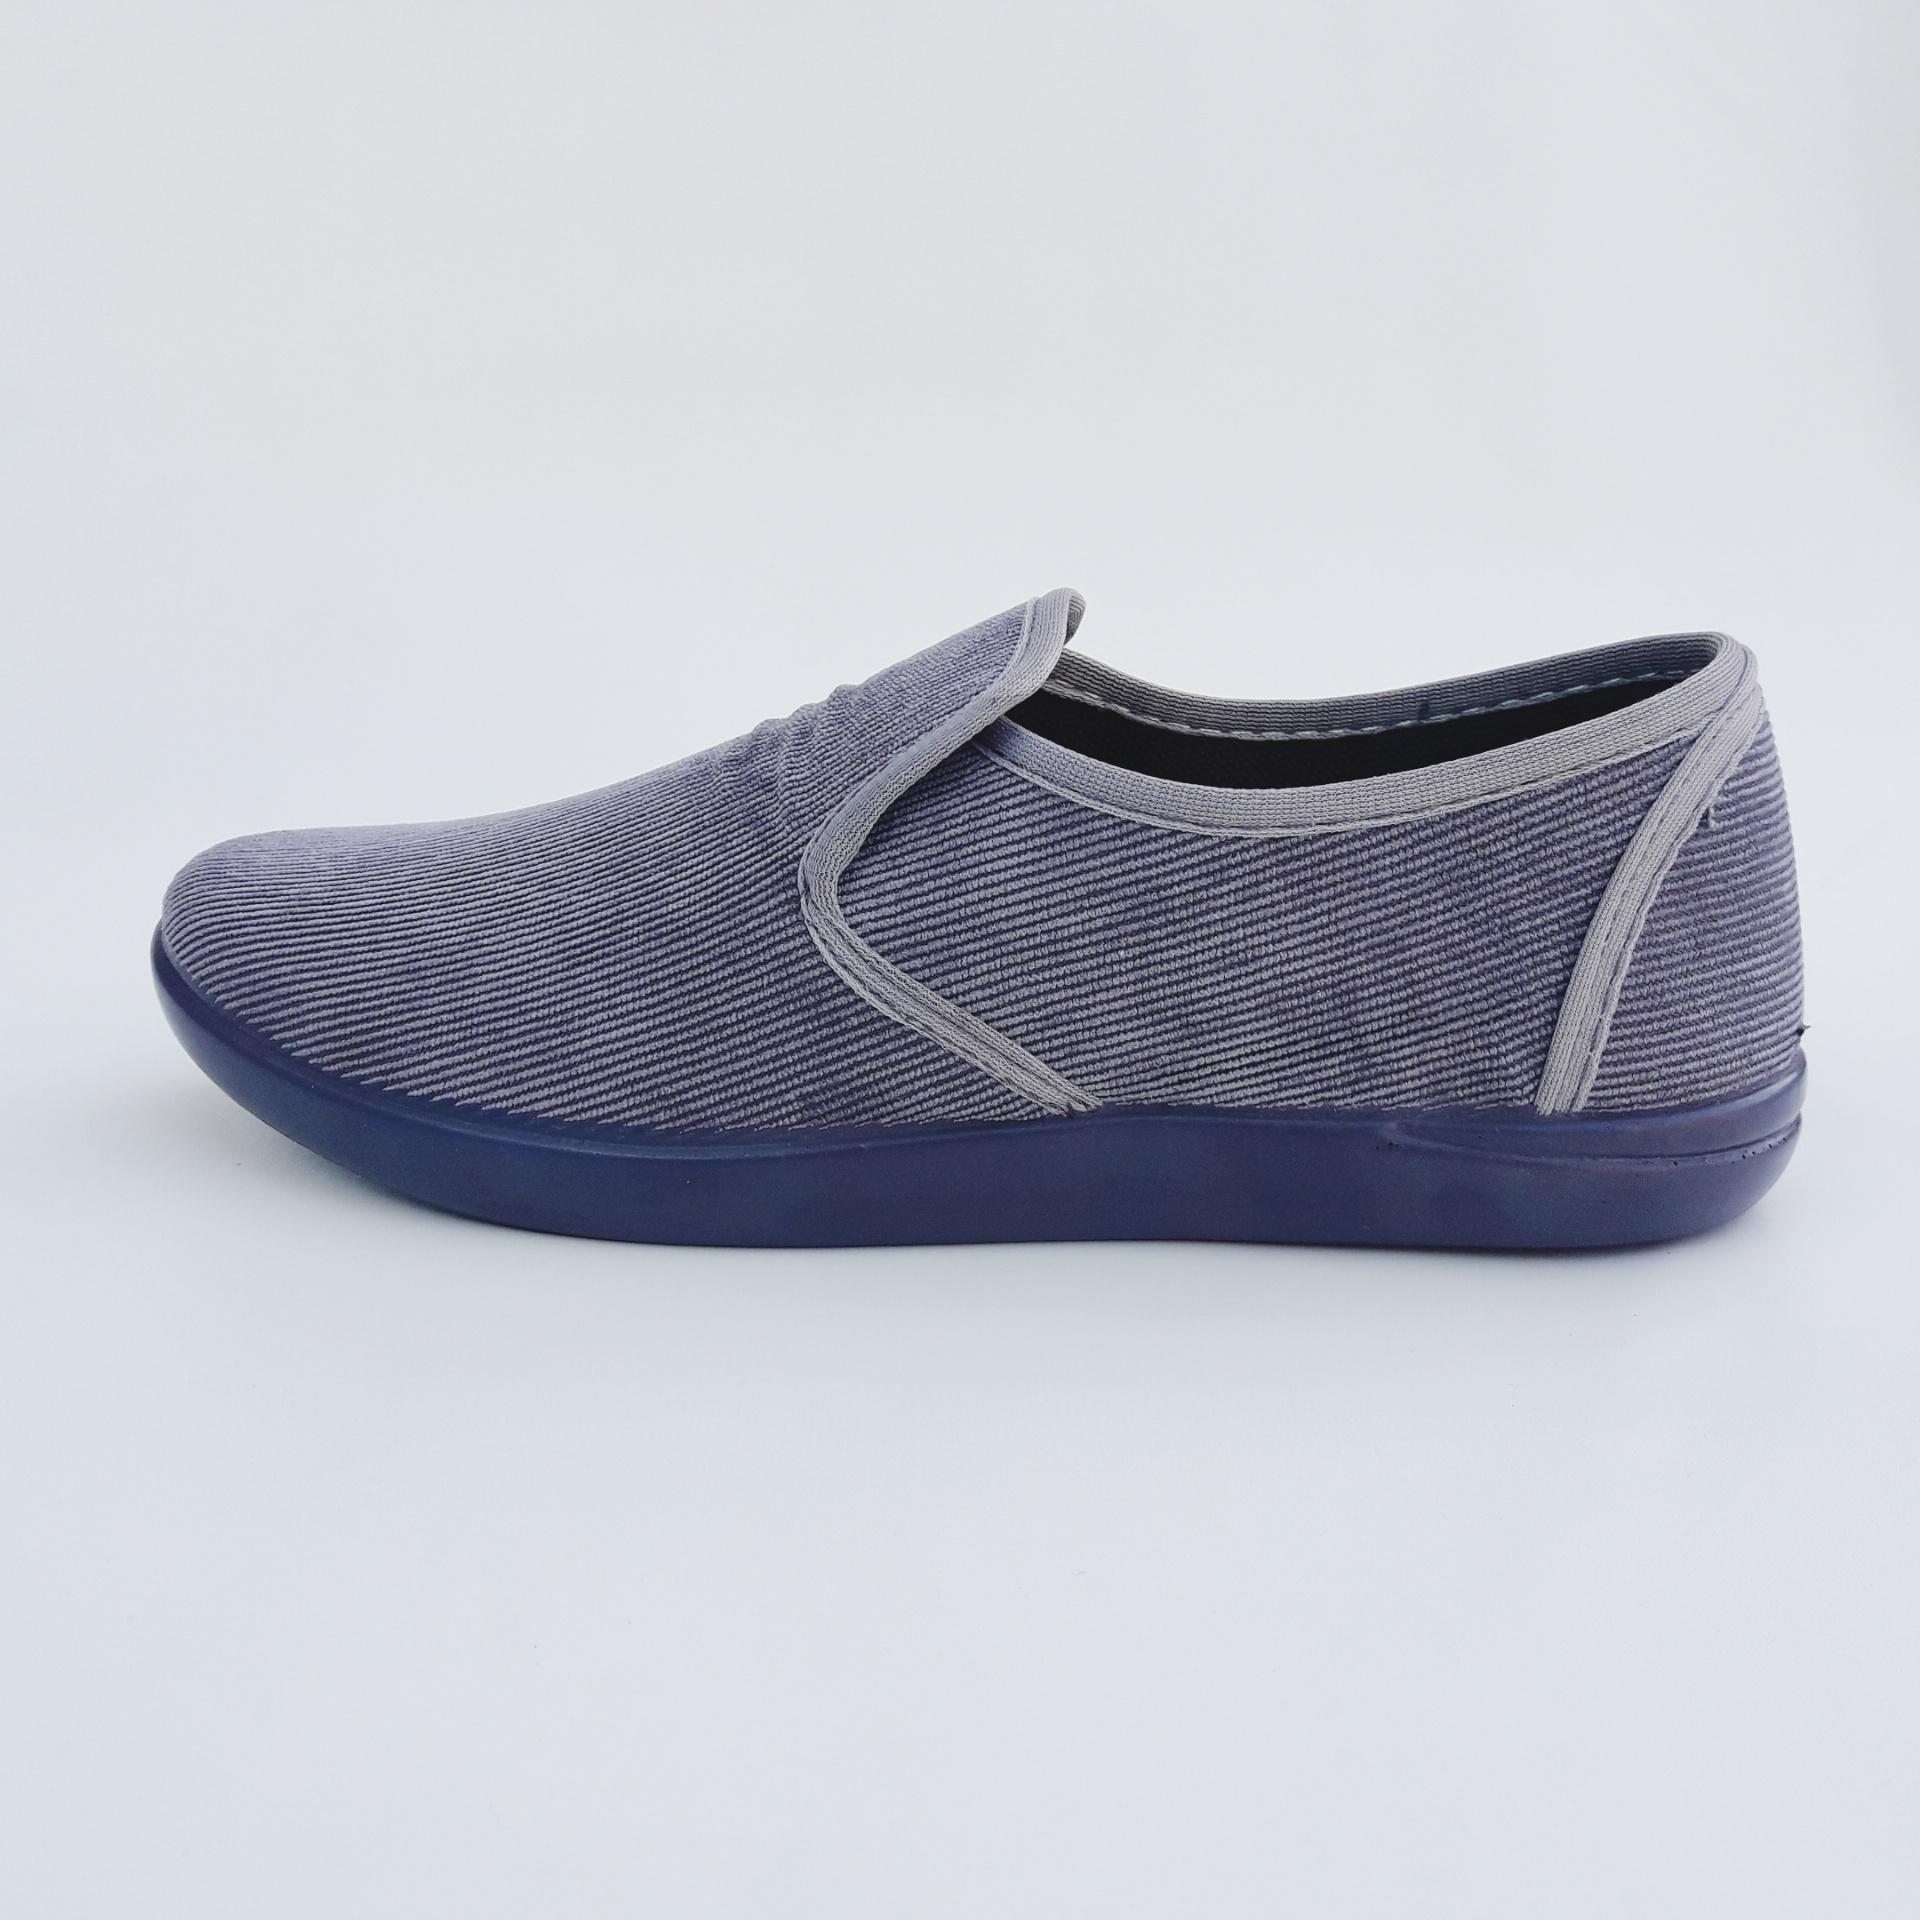 خرید اینترنتی کفش روزمره مردانه همانوین مدل ساسان